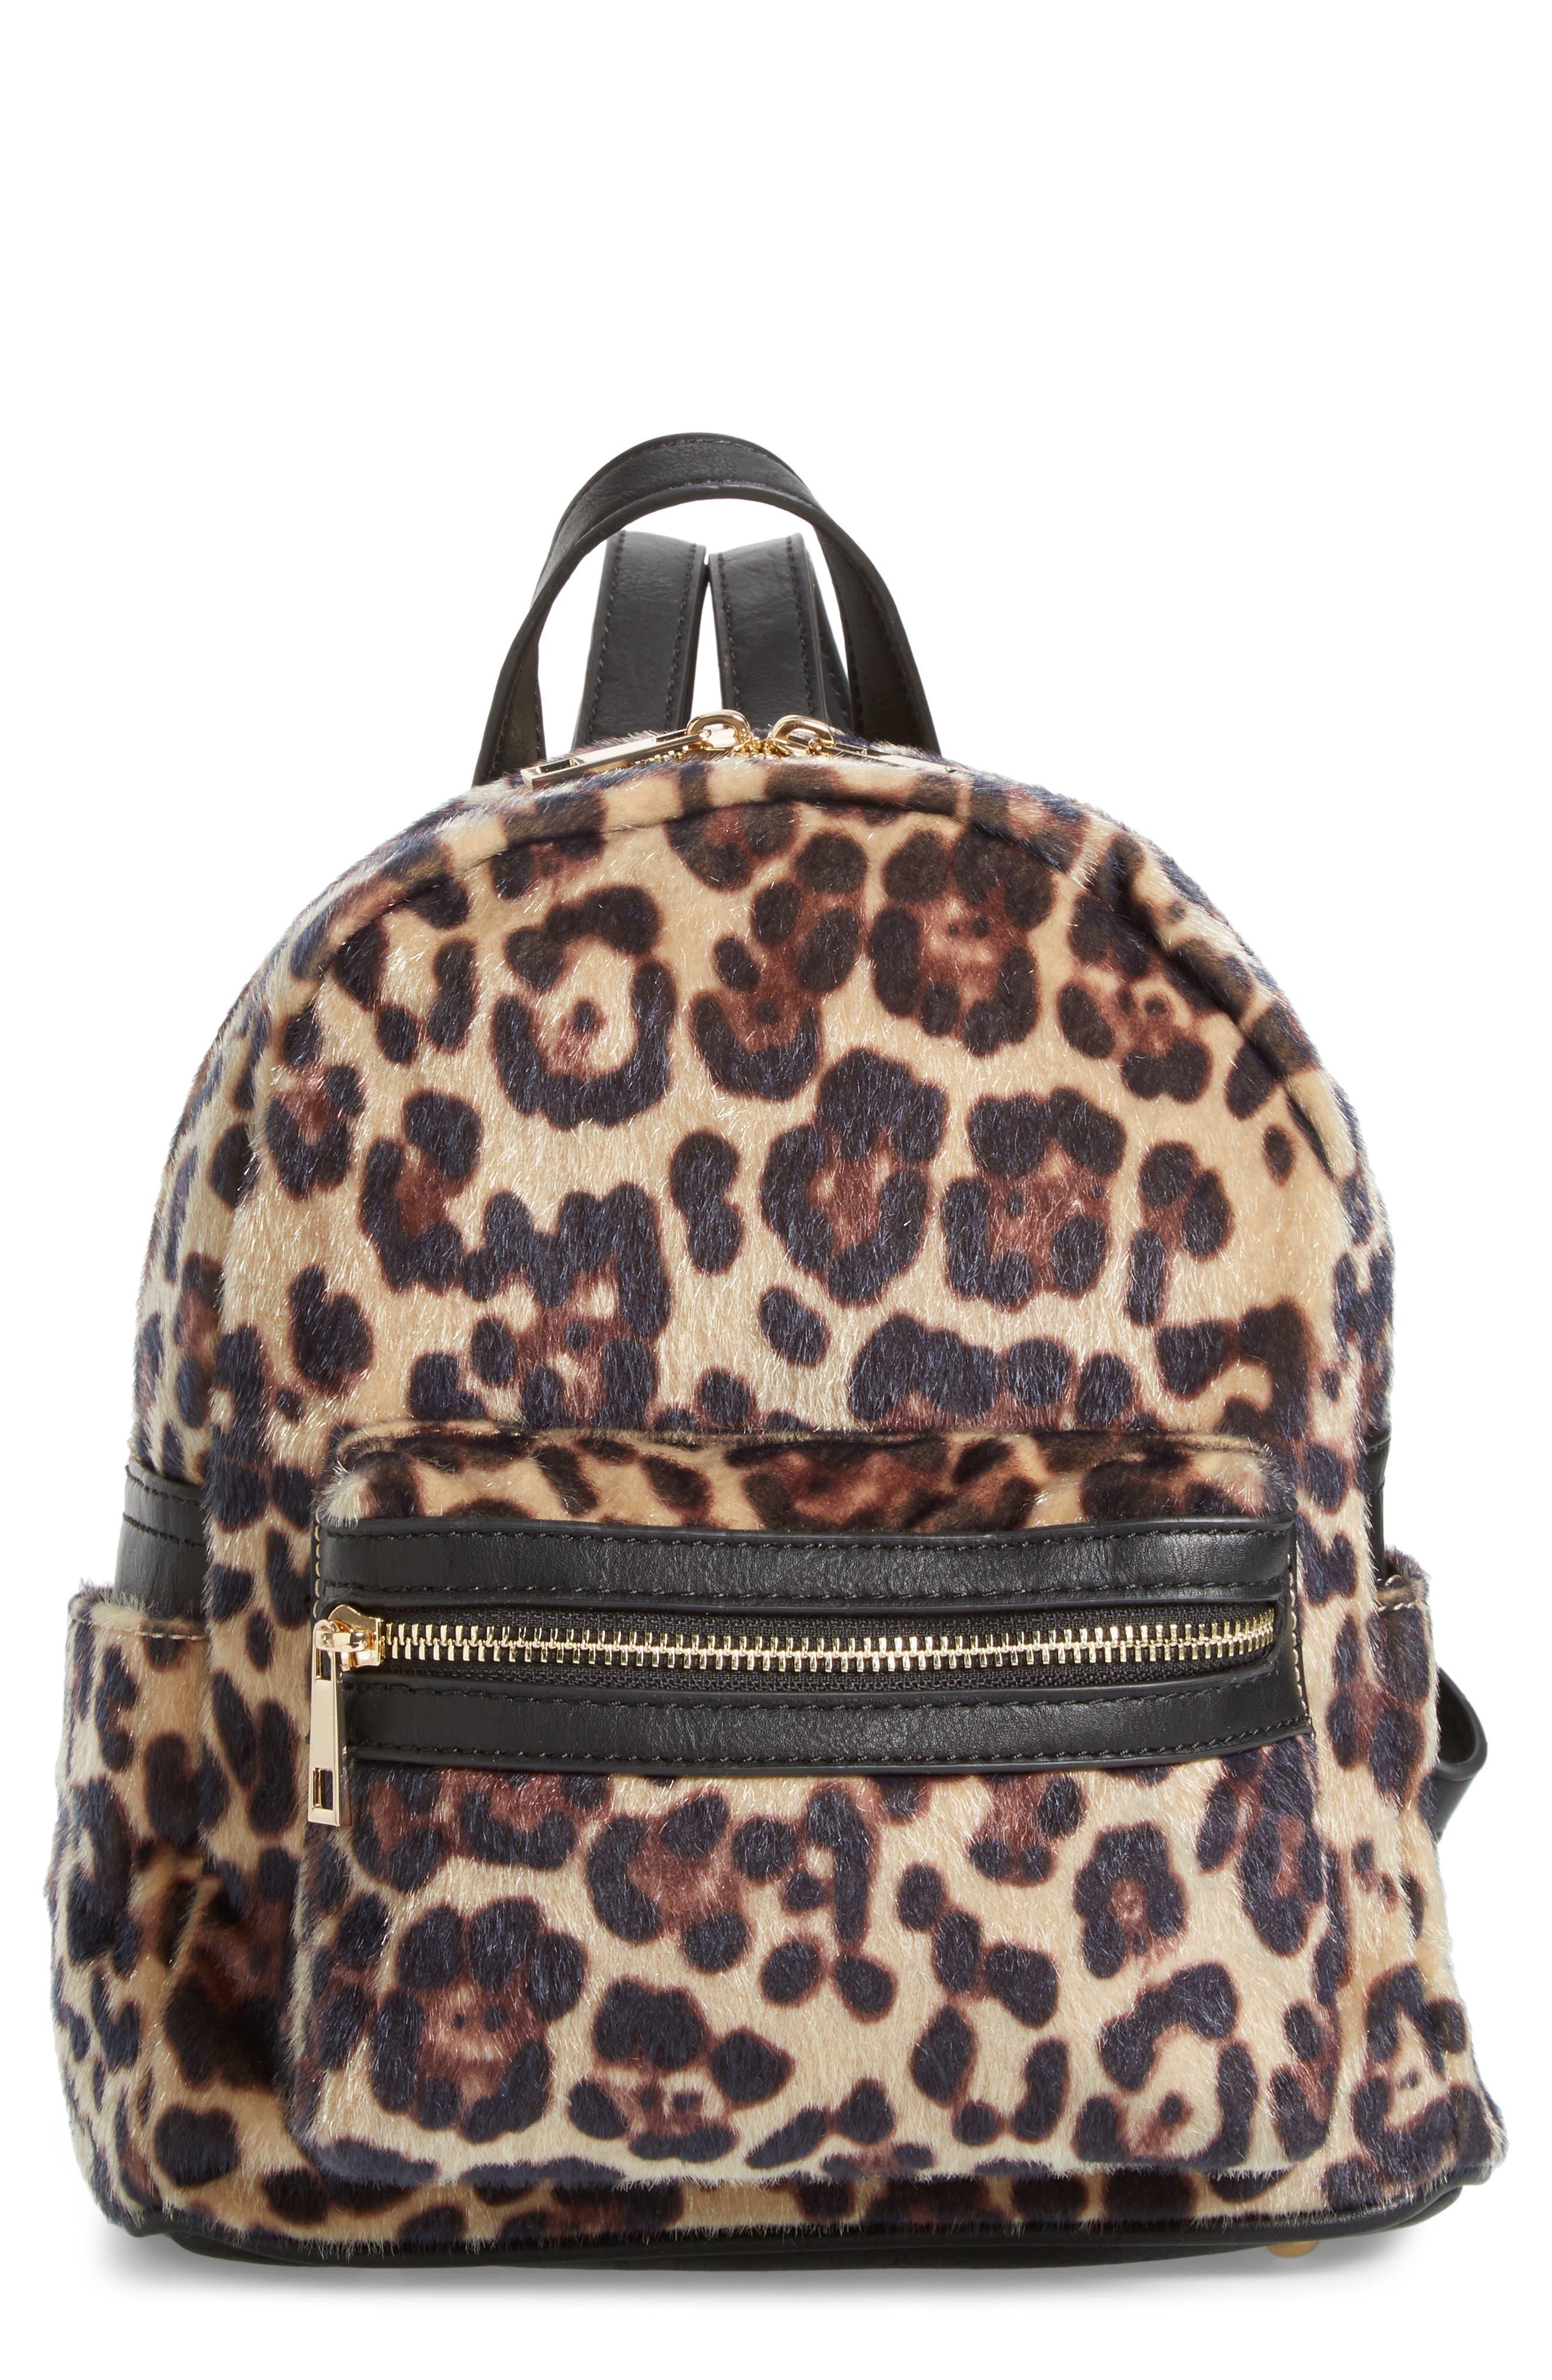 Leopard Print Faux Fur Backpack,                             Main thumbnail 1, color,                             200